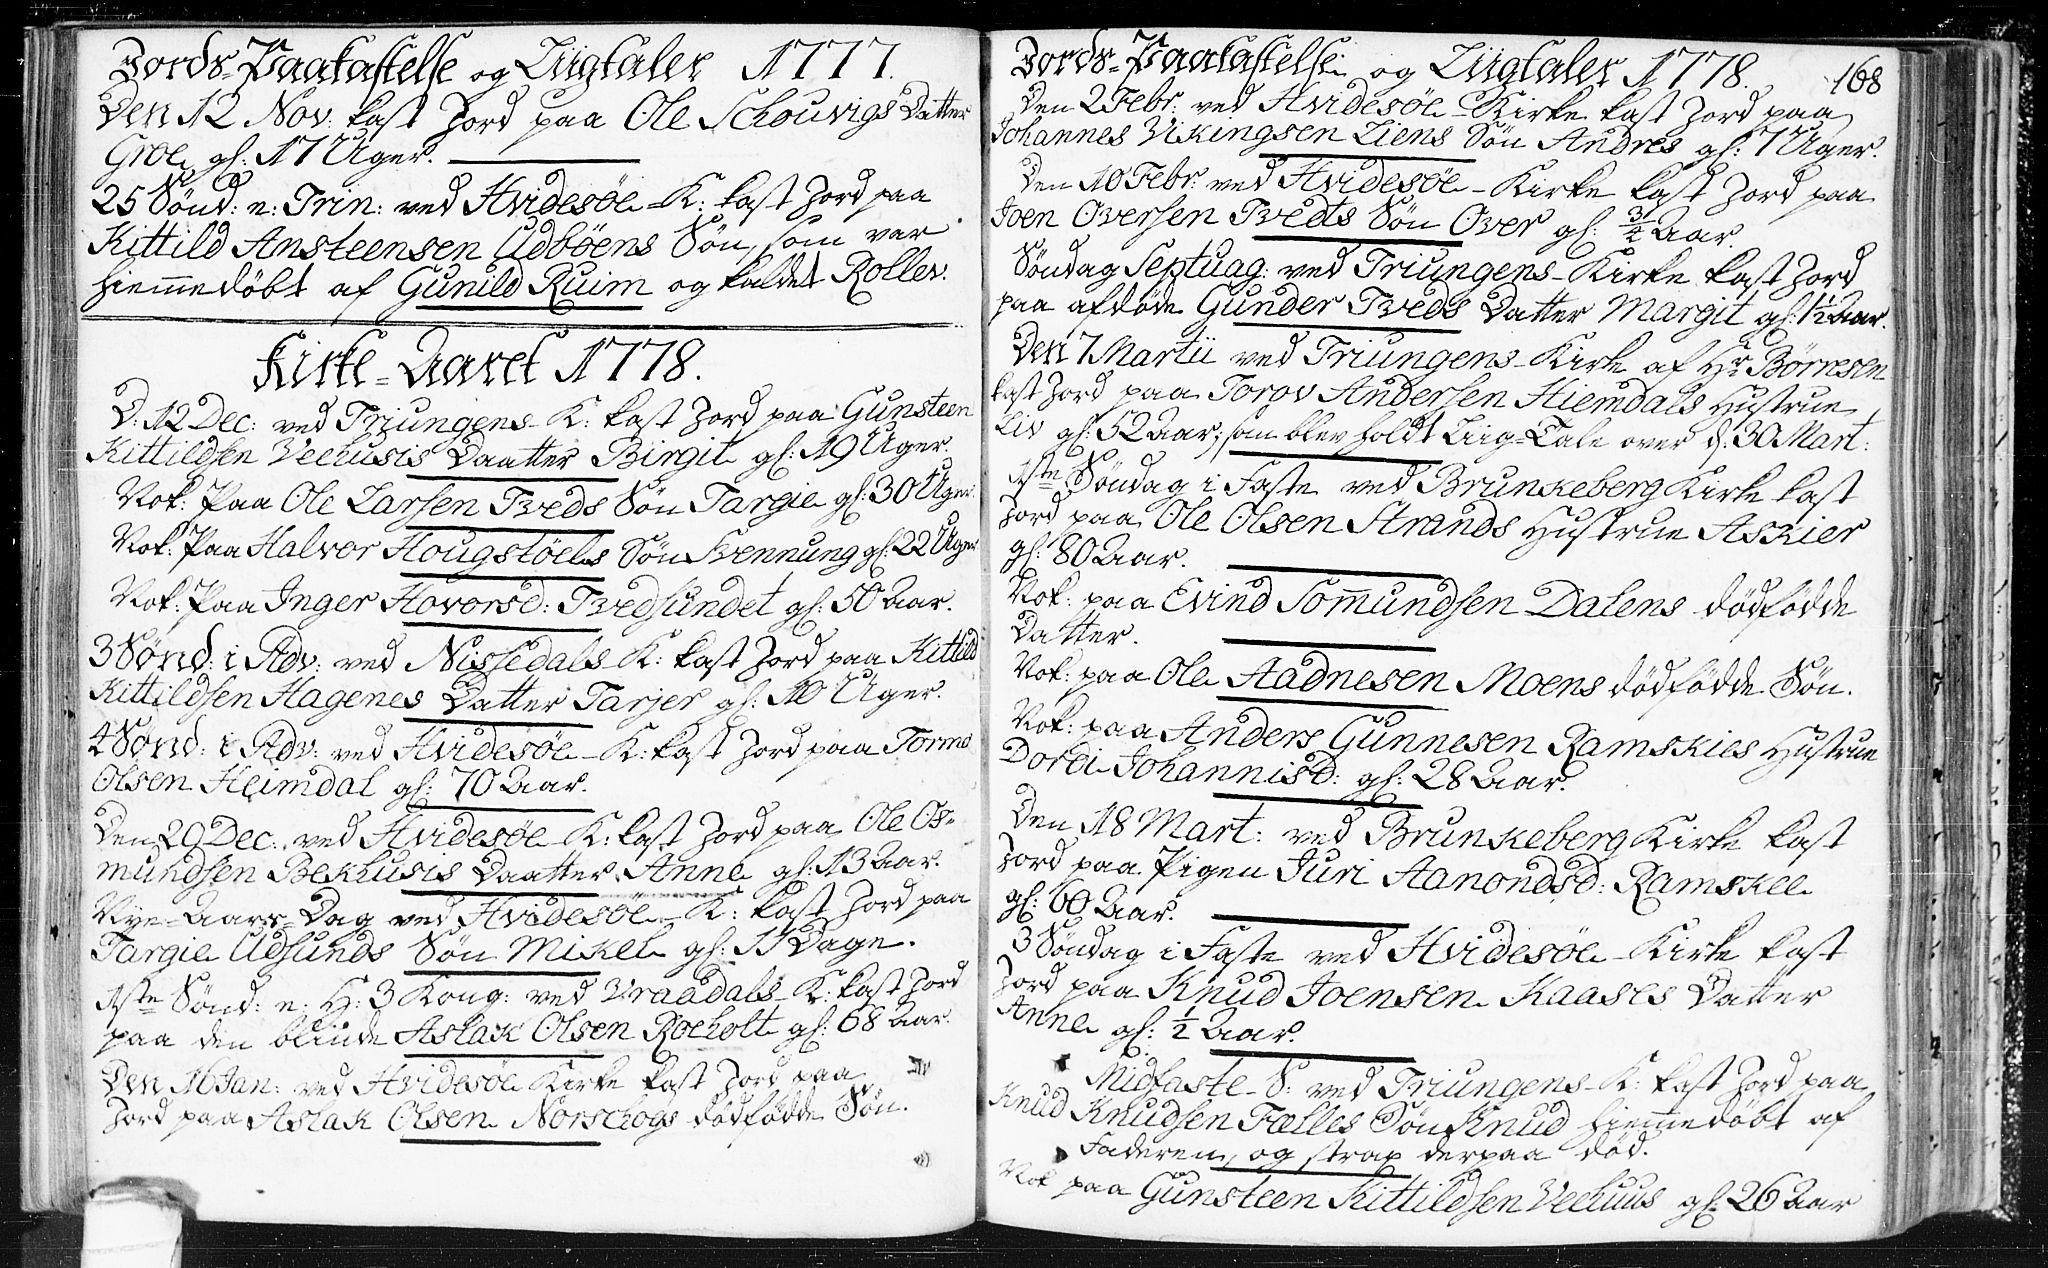 SAKO, Kviteseid kirkebøker, F/Fa/L0002: Ministerialbok nr. I 2, 1773-1786, s. 168